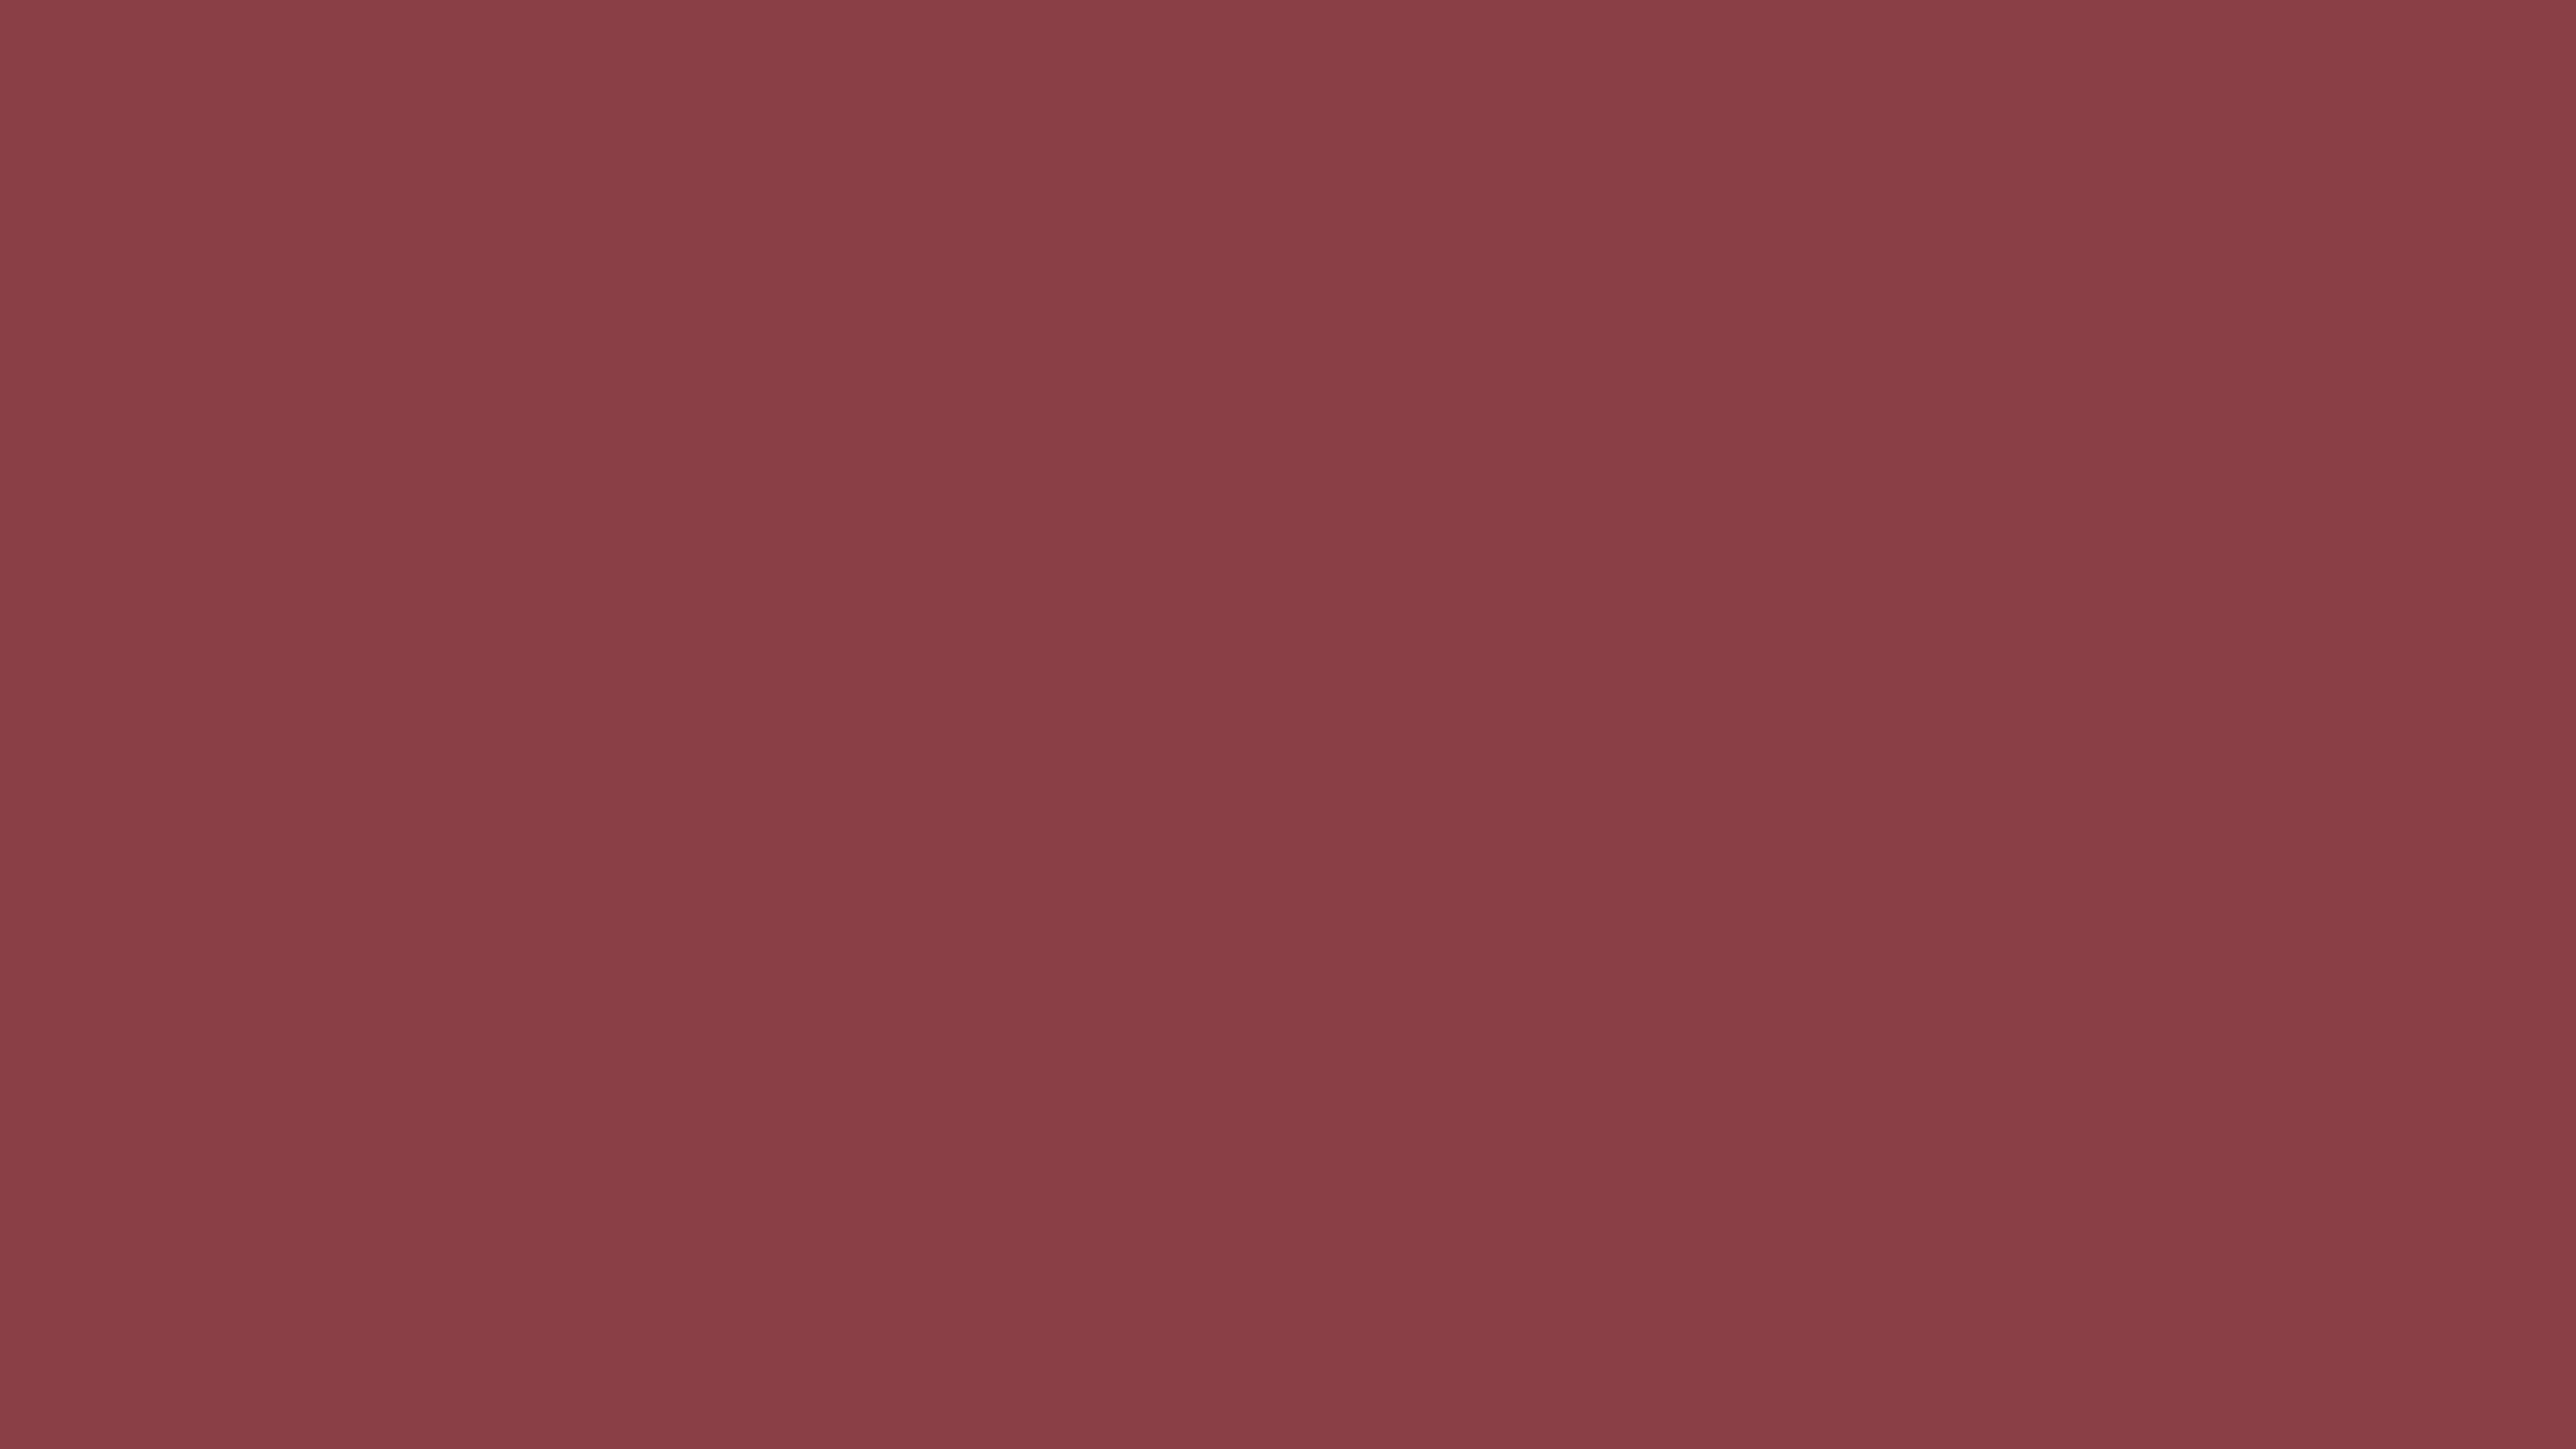 4096x2304 Cordovan Solid Color Background